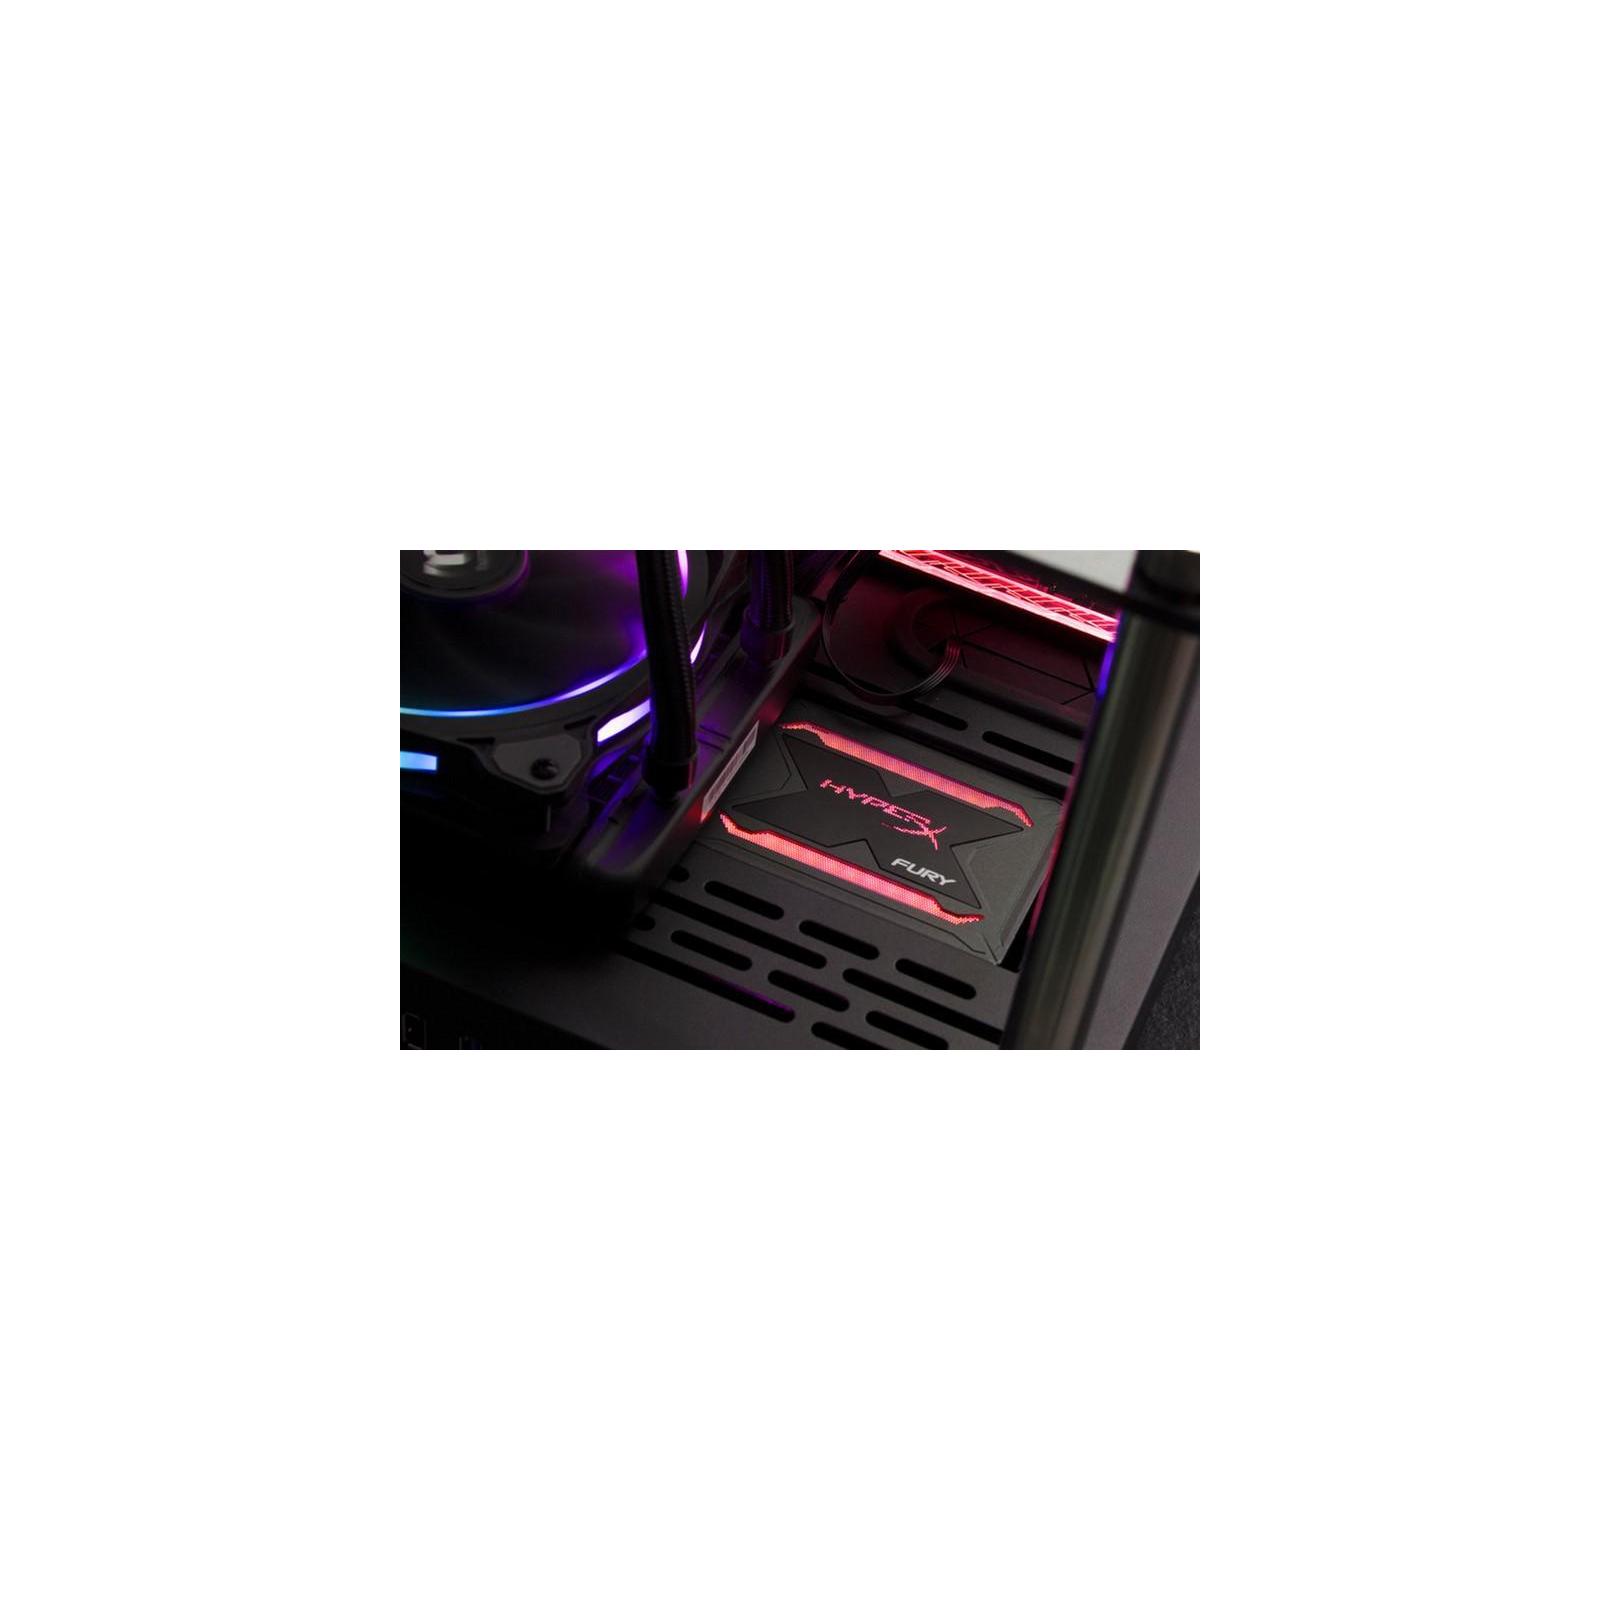 """Накопитель SSD 2.5"""" 960GB HyperX SSD (SHFR200/960G) изображение 10"""